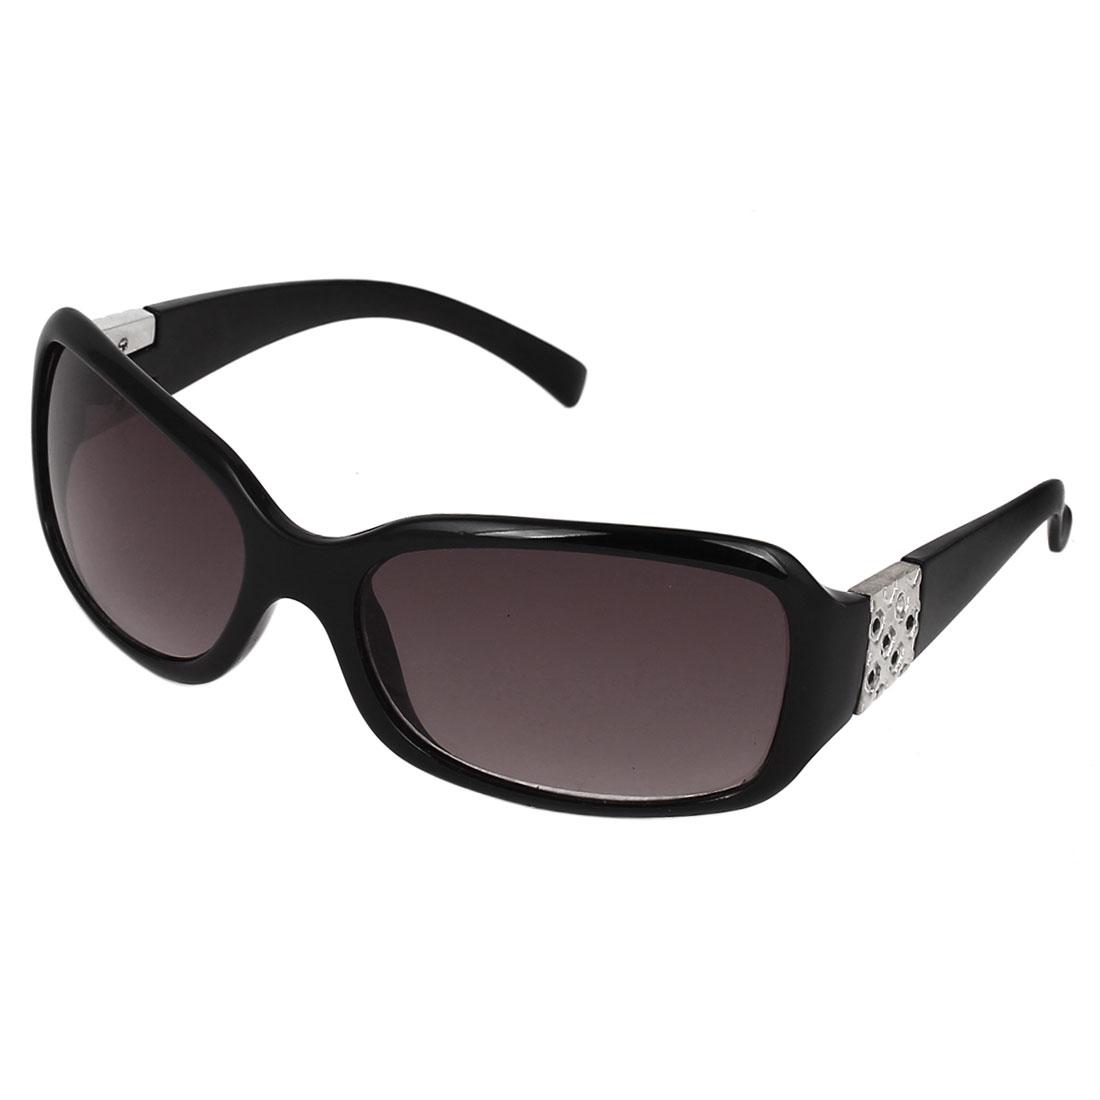 Women Plastic Full Frame Single Bridge Rectangle Lens Sunglasses Black